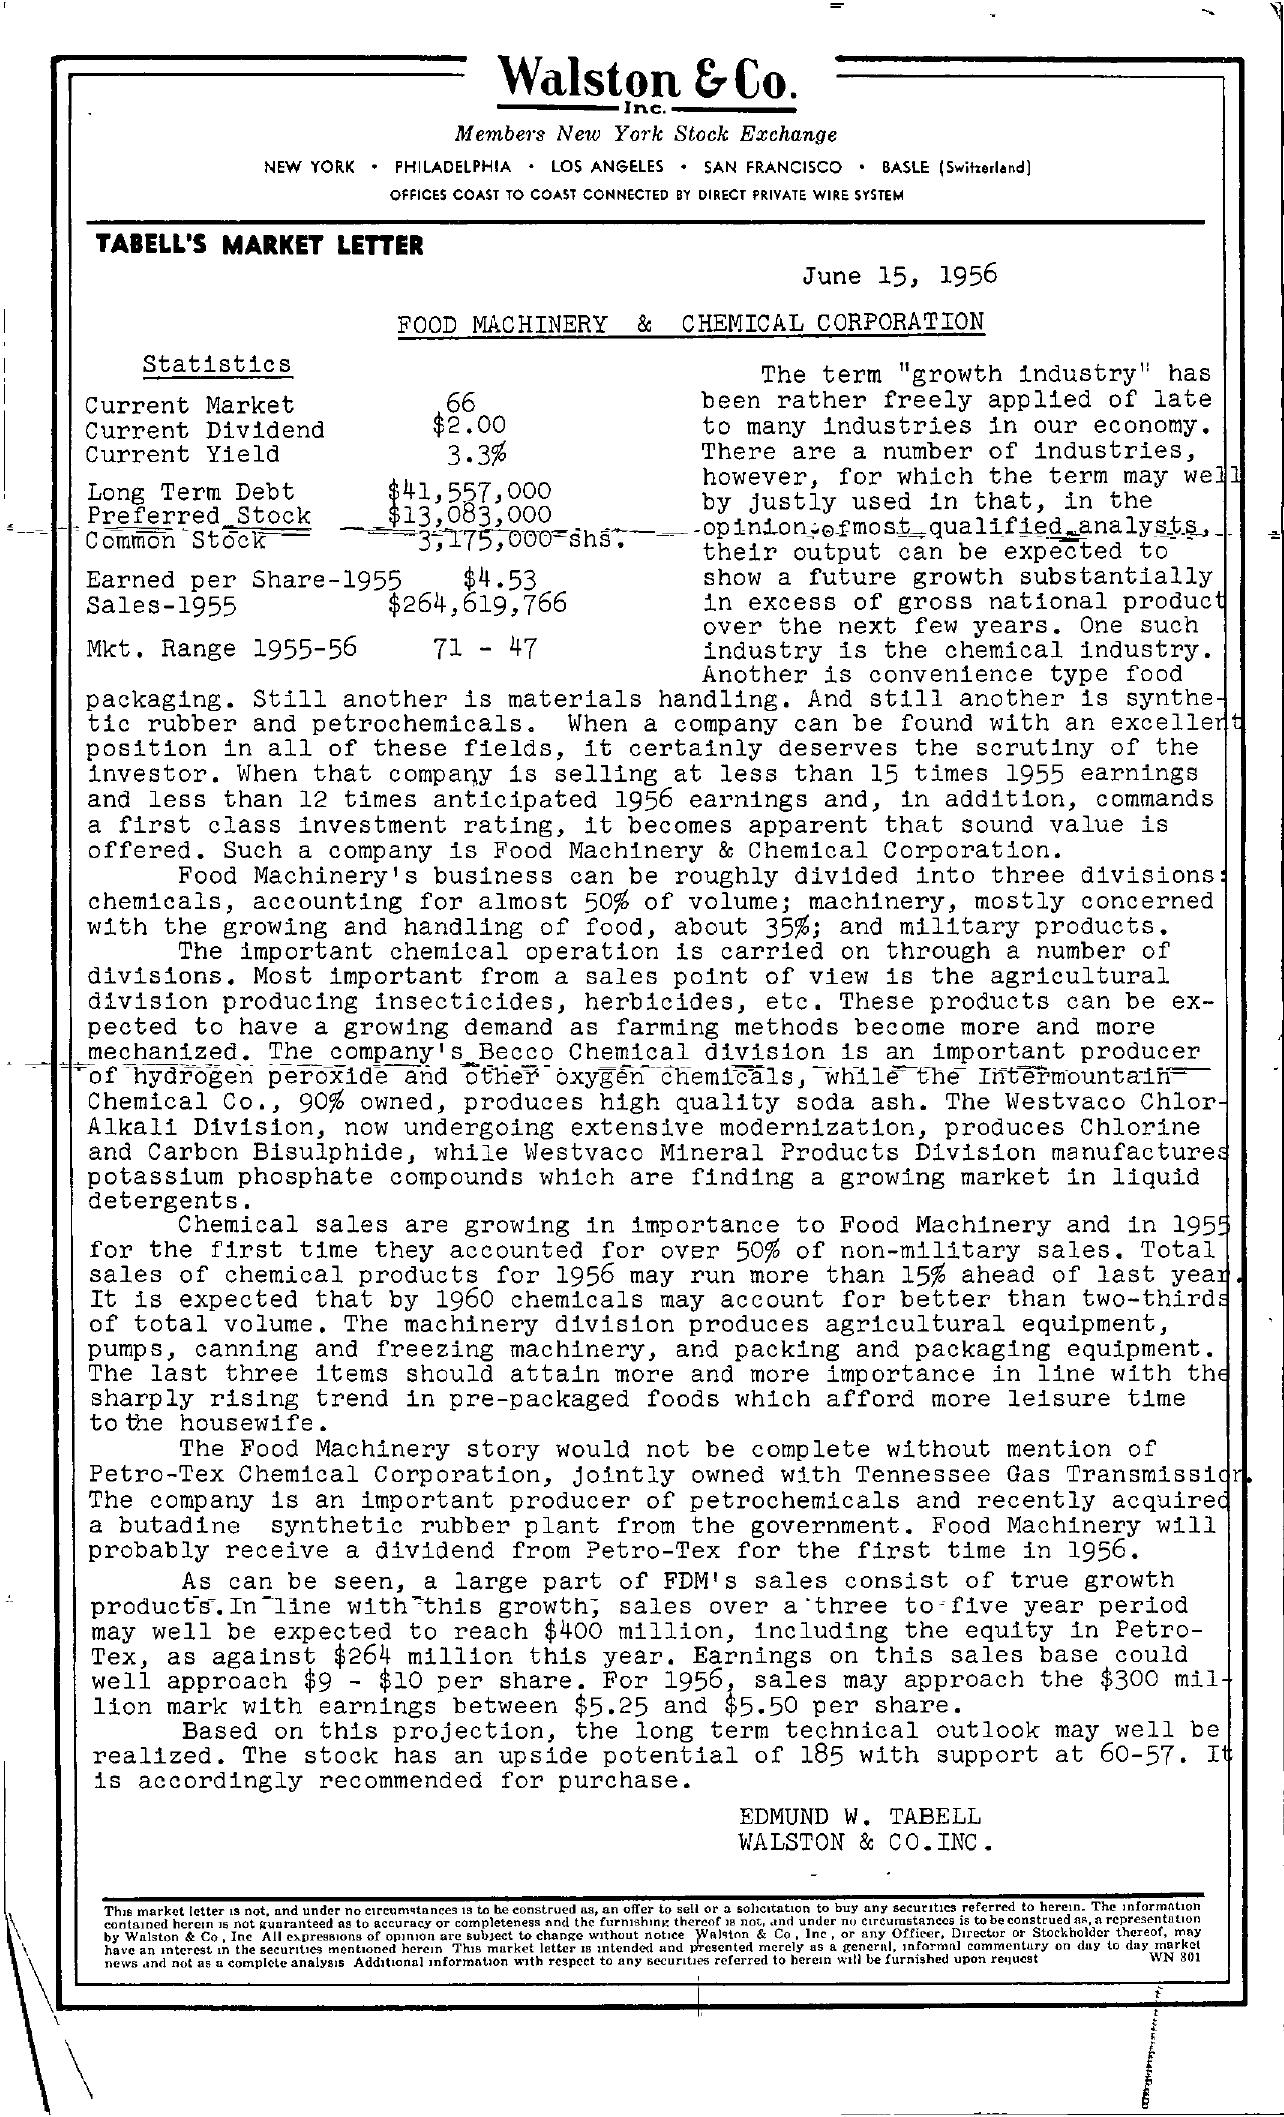 Tabell's Market Letter - June 15, 1956